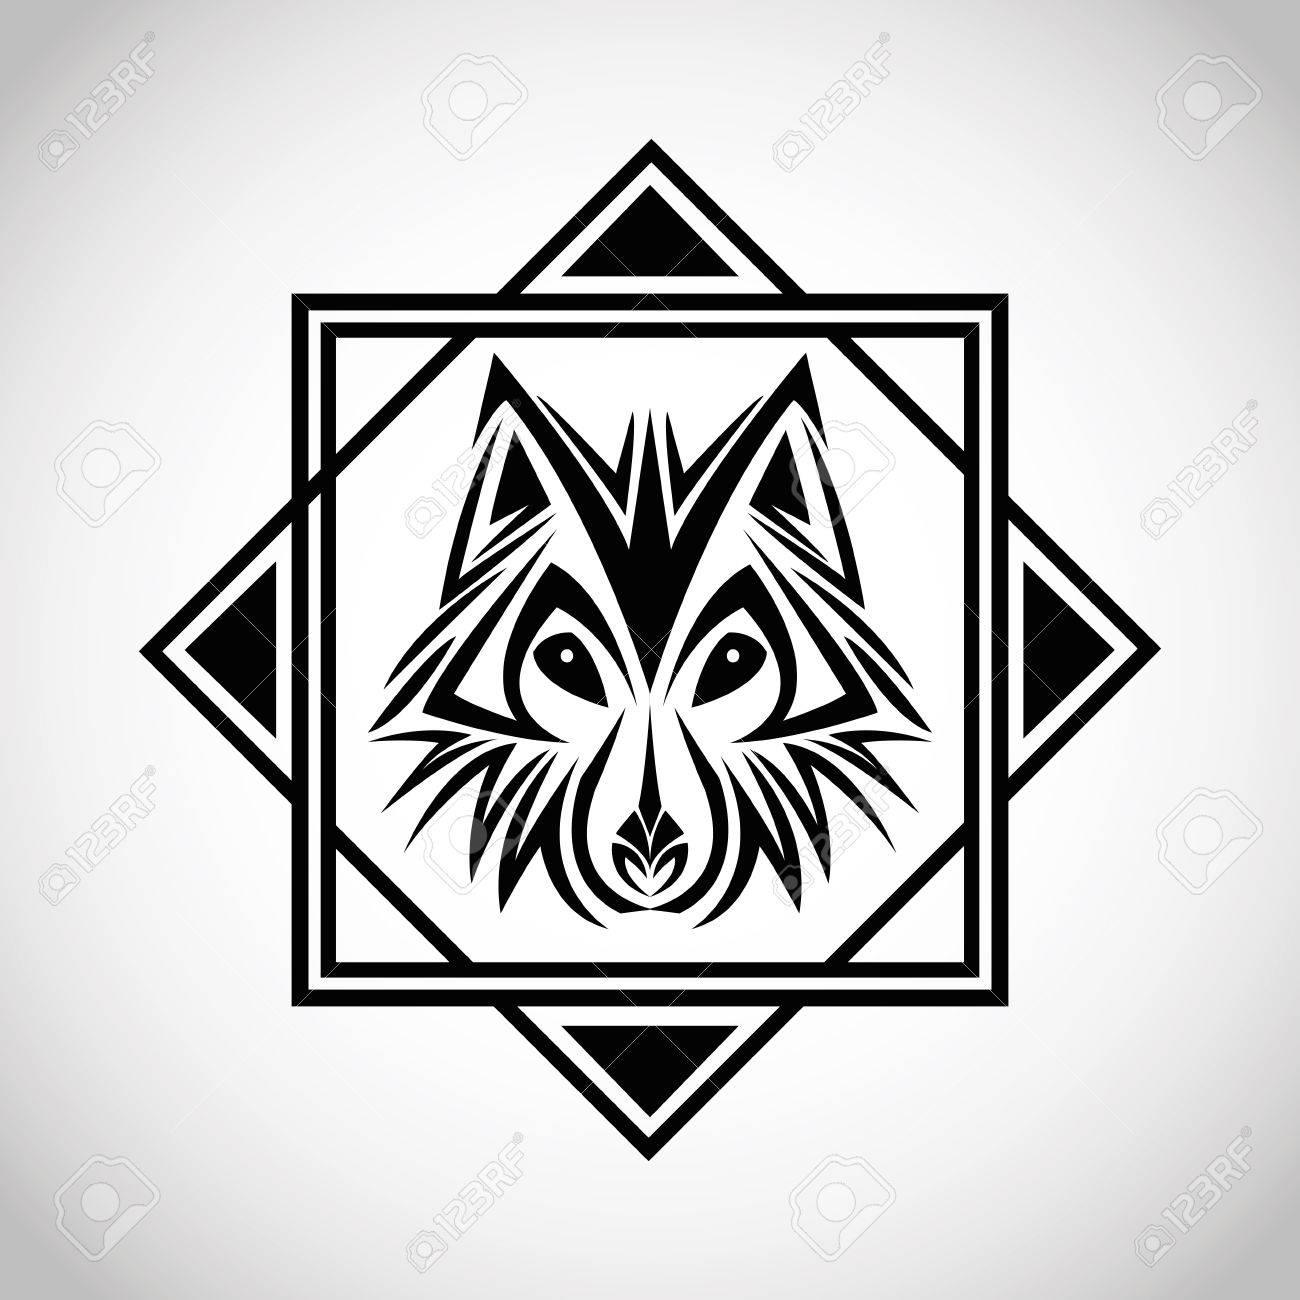 Animales Tatuaje Lobo Dibujar Abstracto Icono Marco Y El Diseño